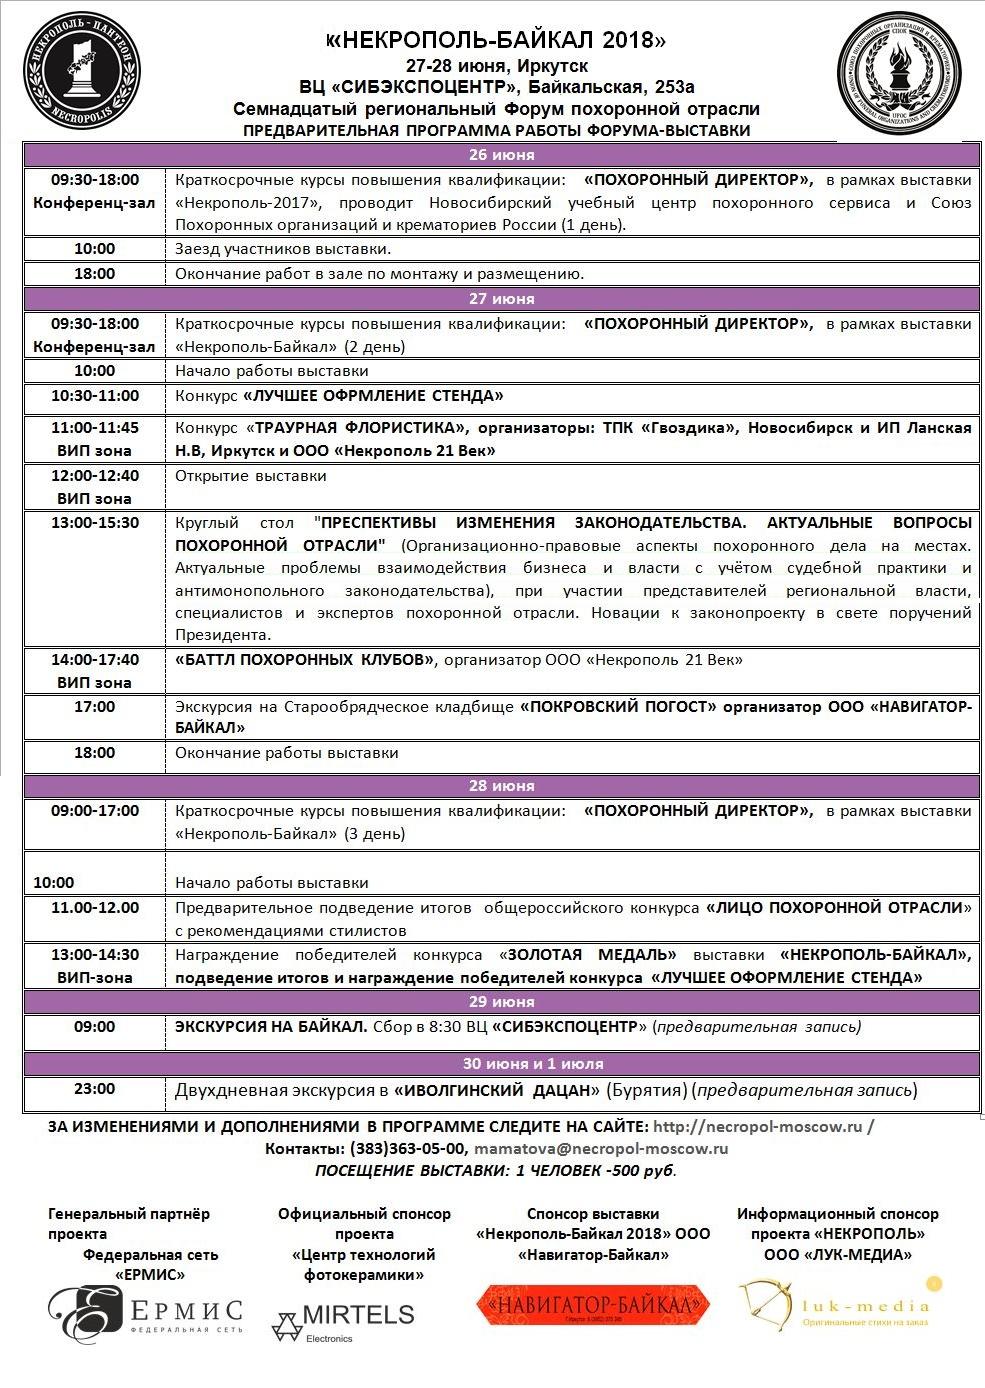 Программа выставки Некрополь-Байкал 2018